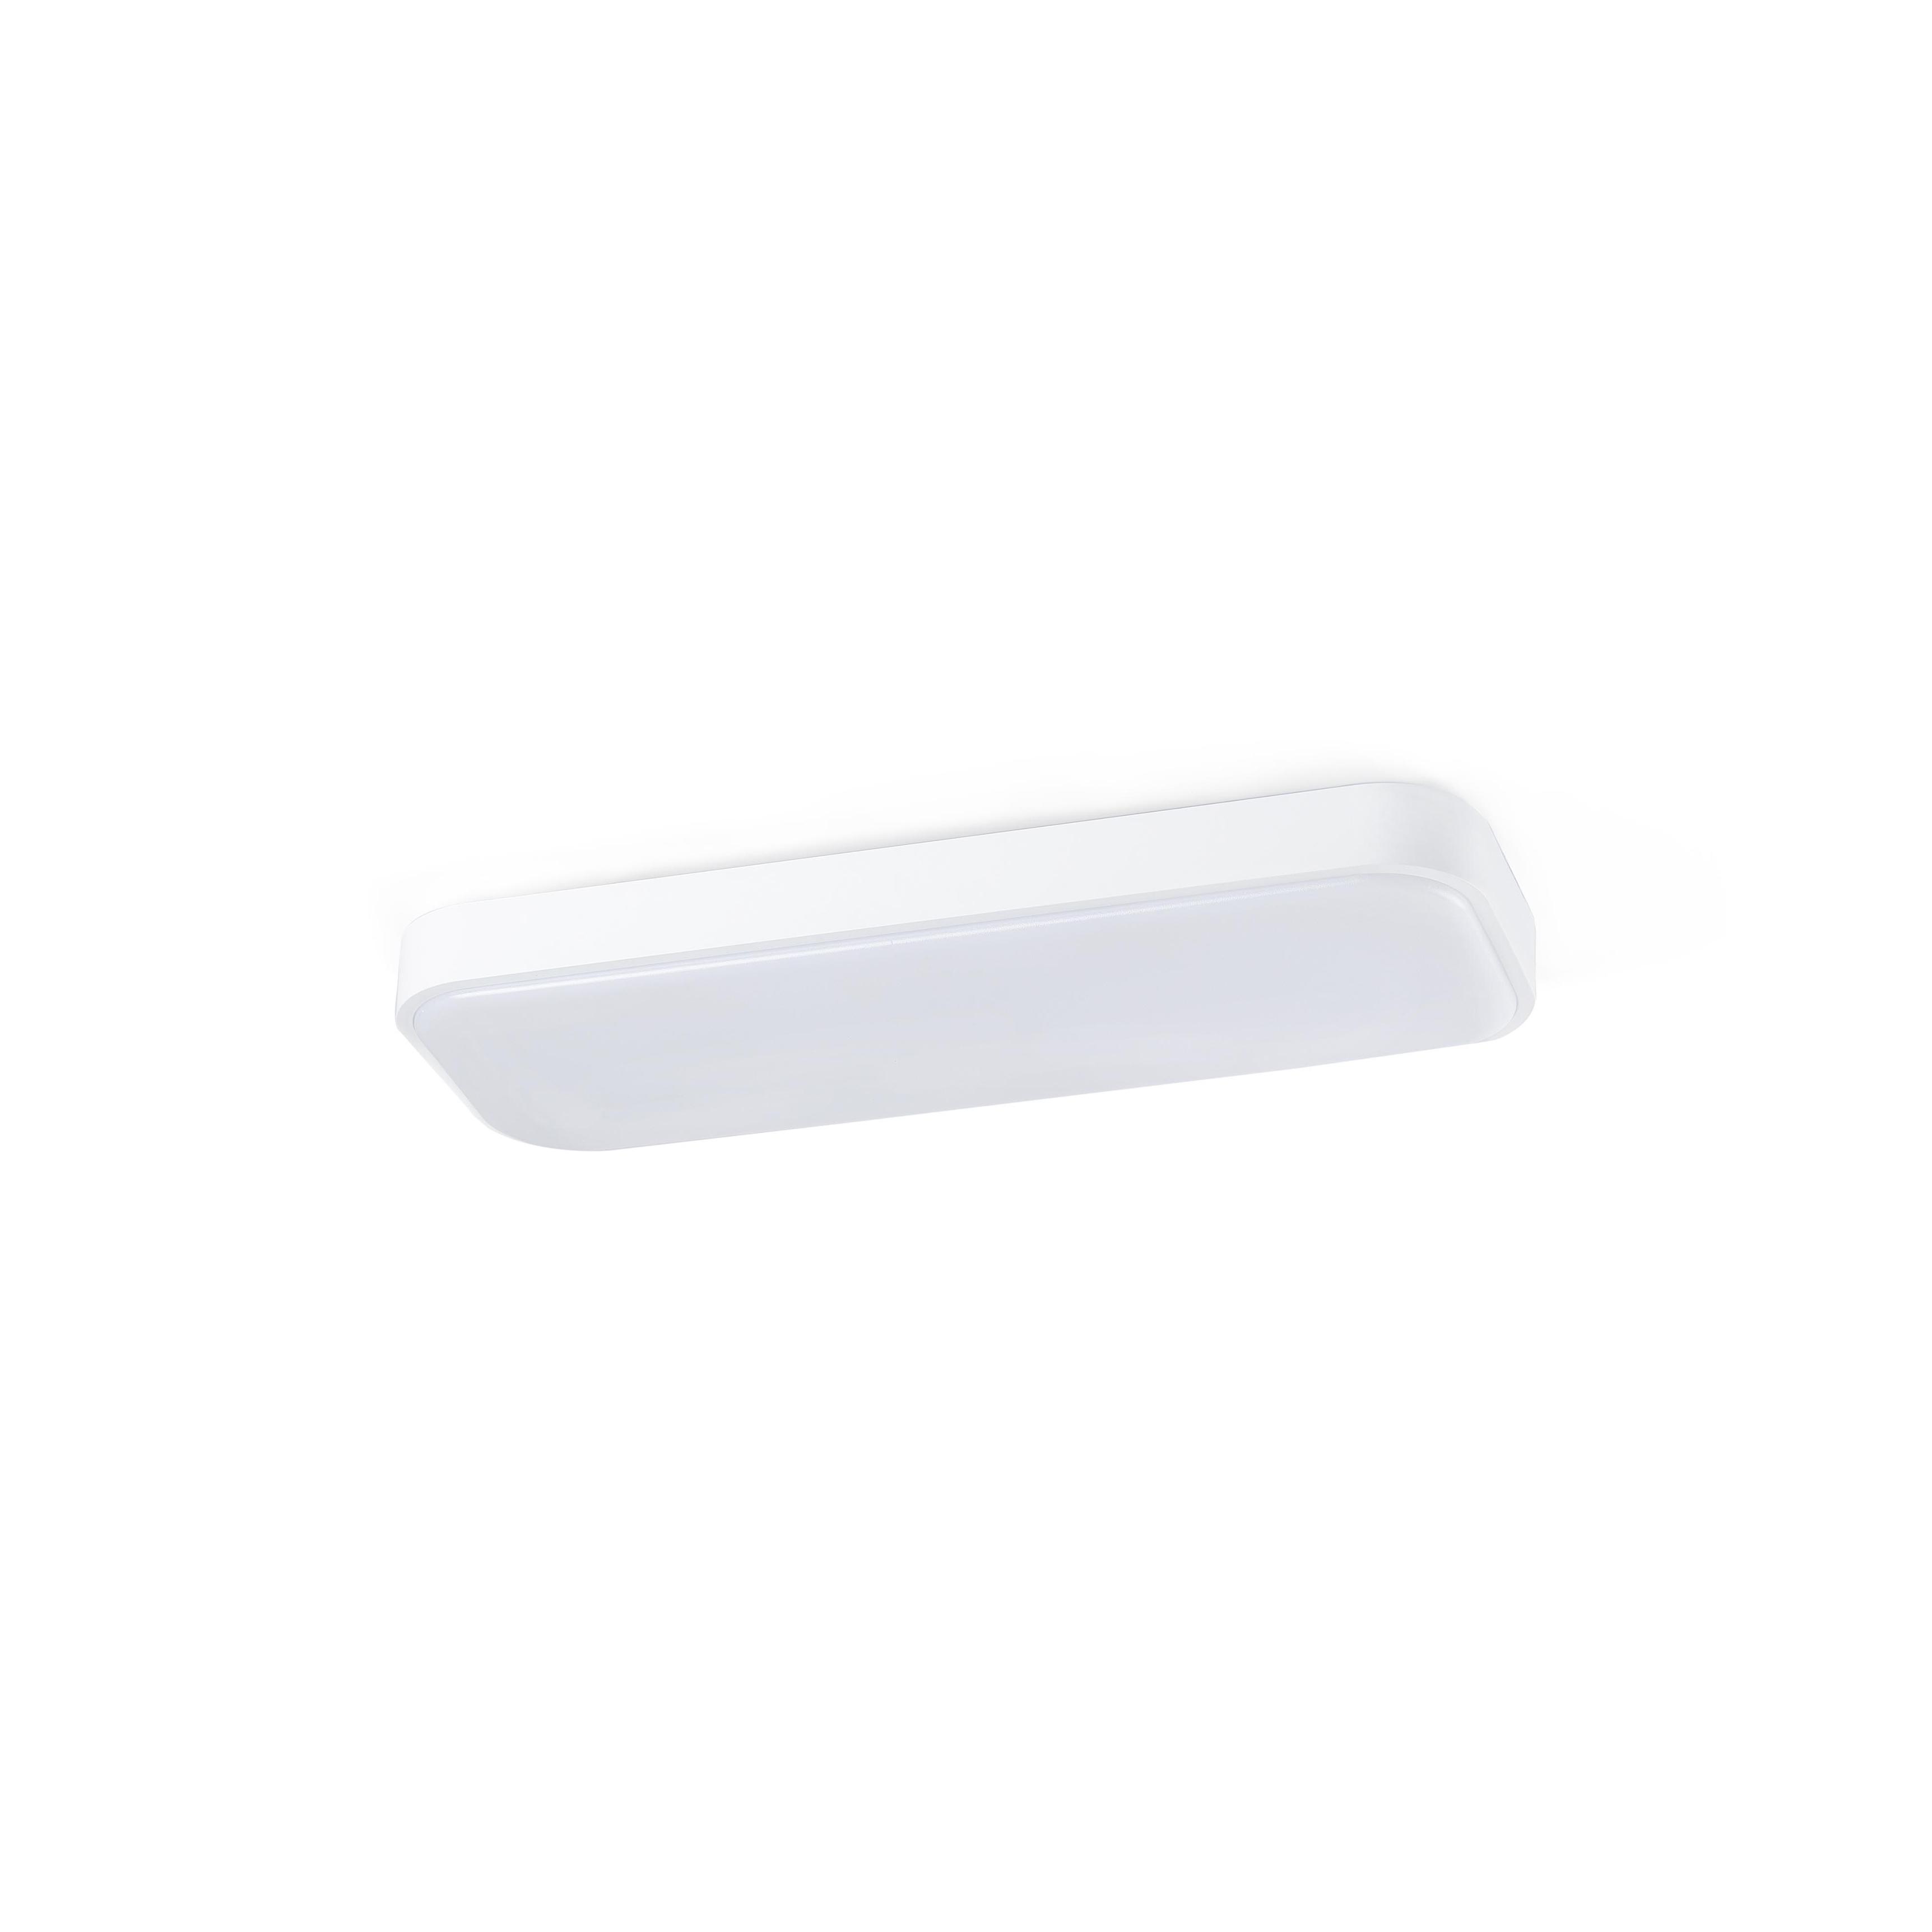 Sogo-4 plafonnier LED 60W 4000K Blanc